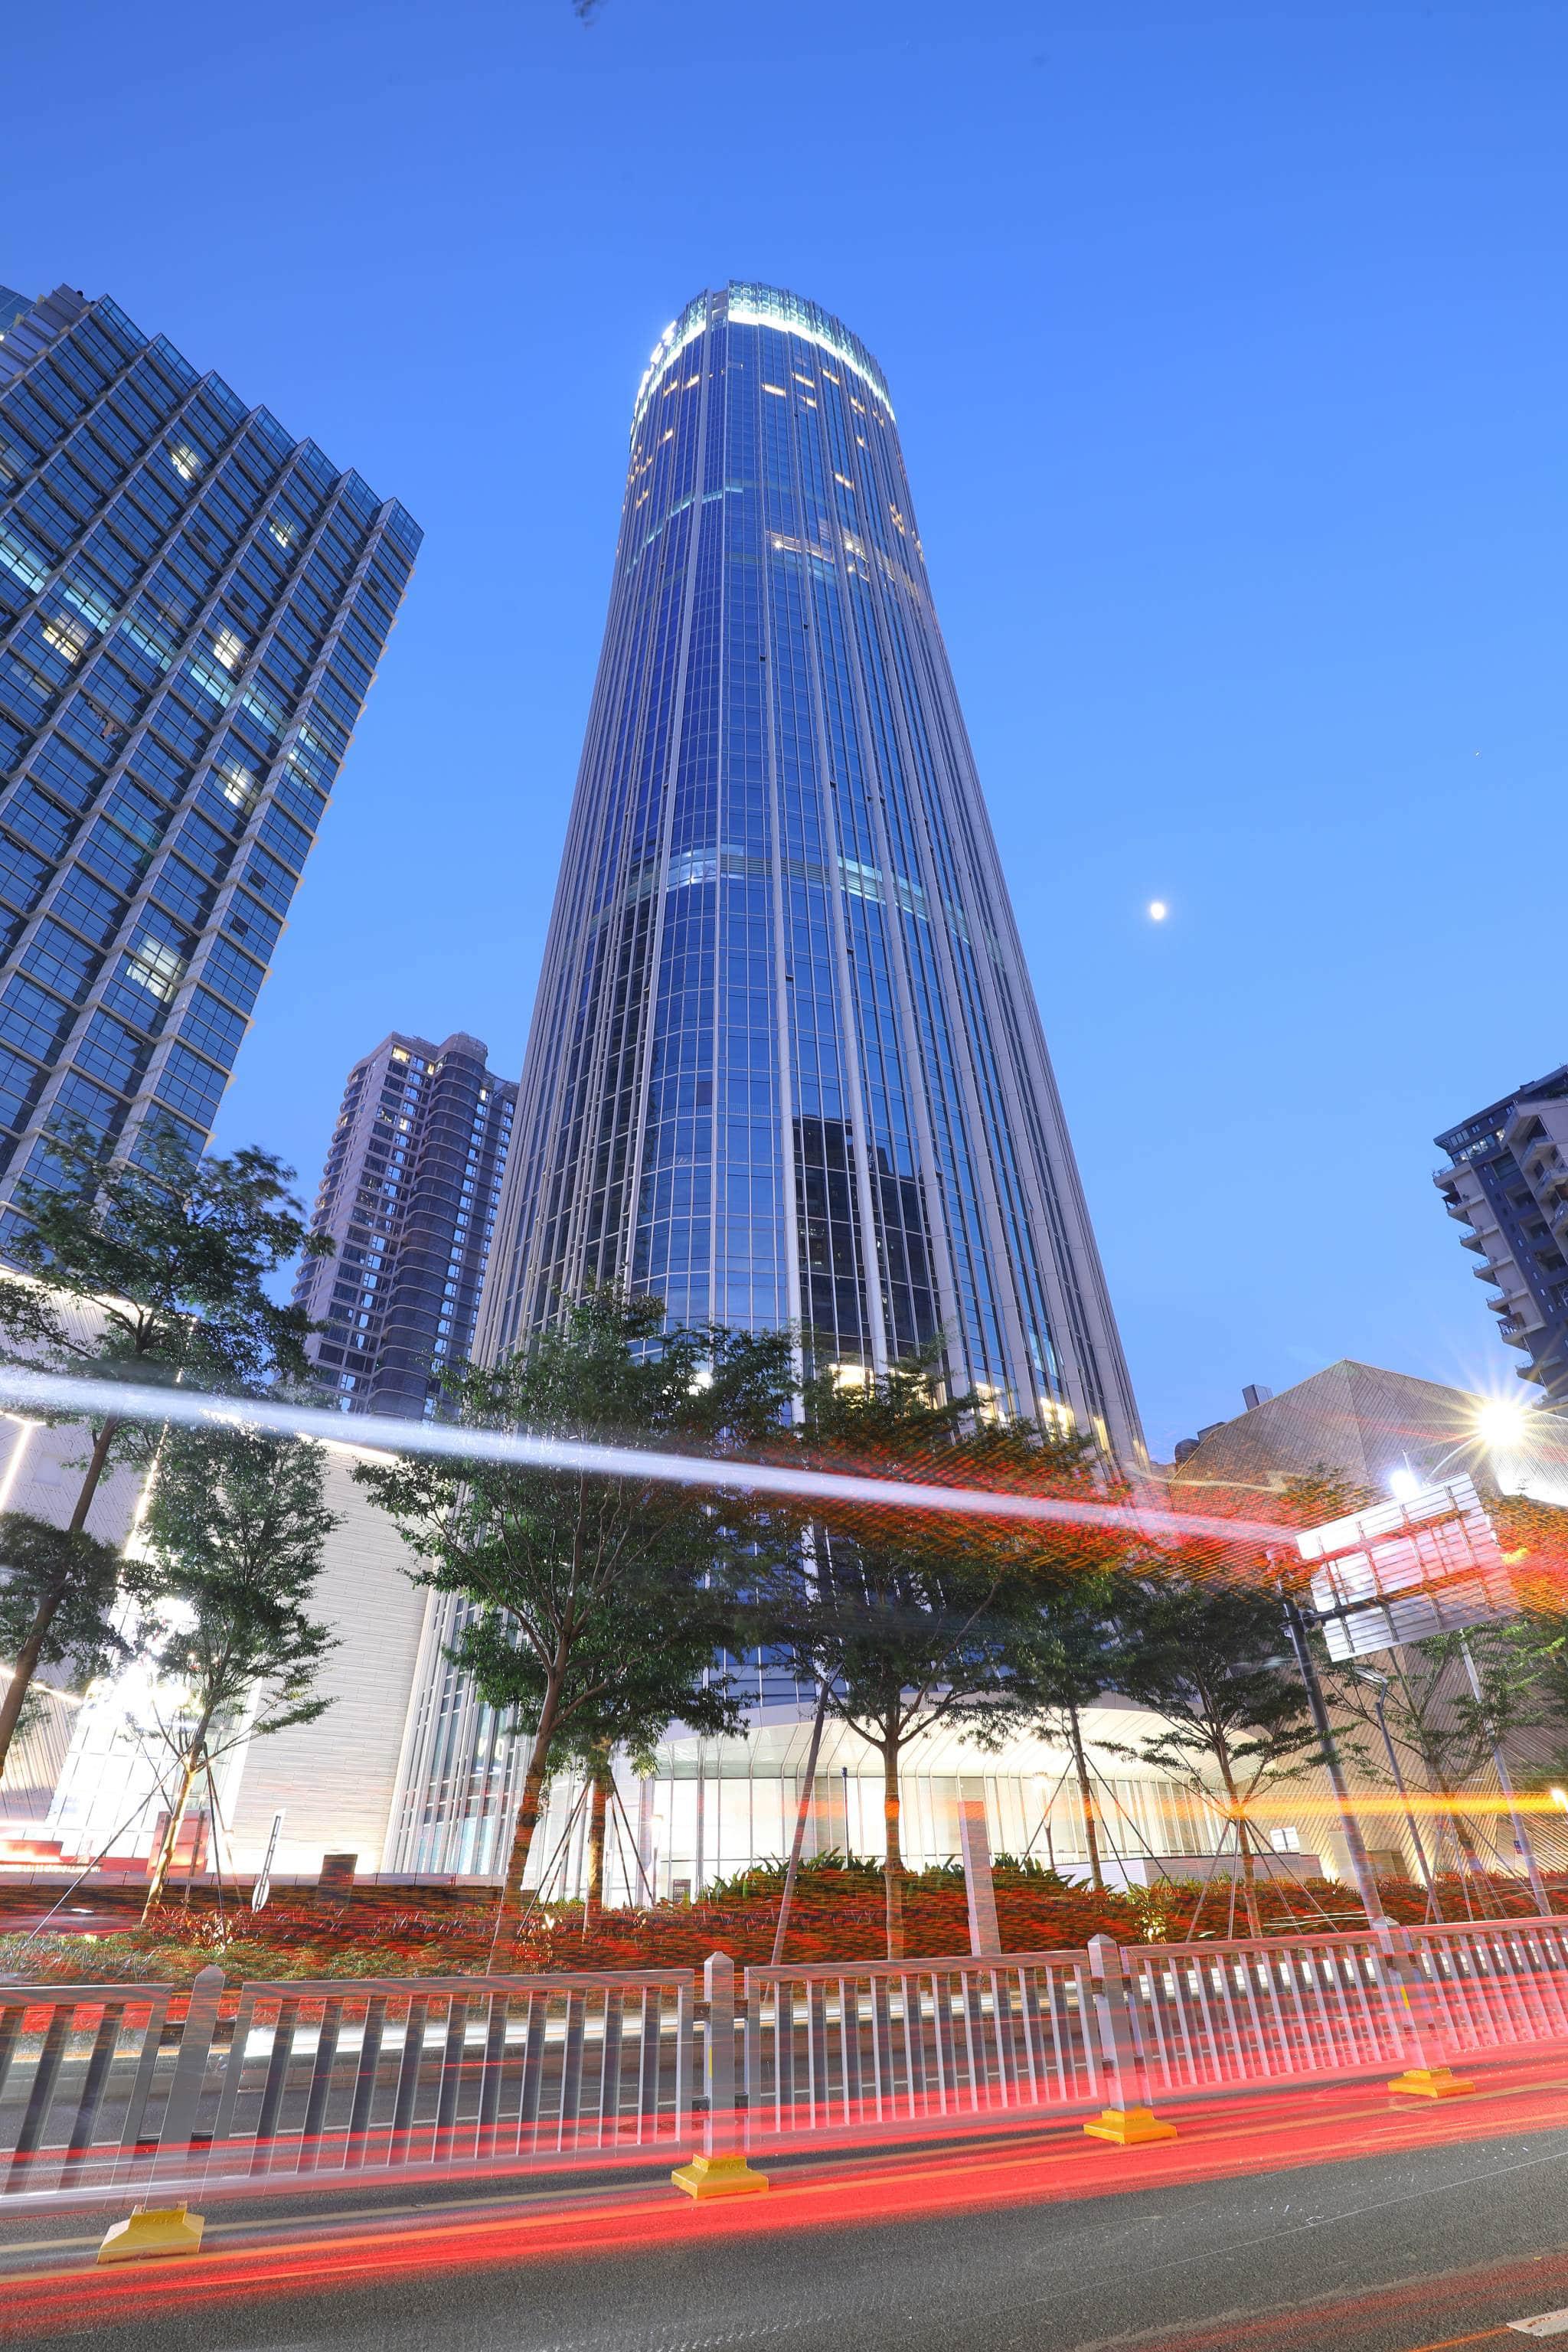 酒店位于深圳盐田区商业核心位置